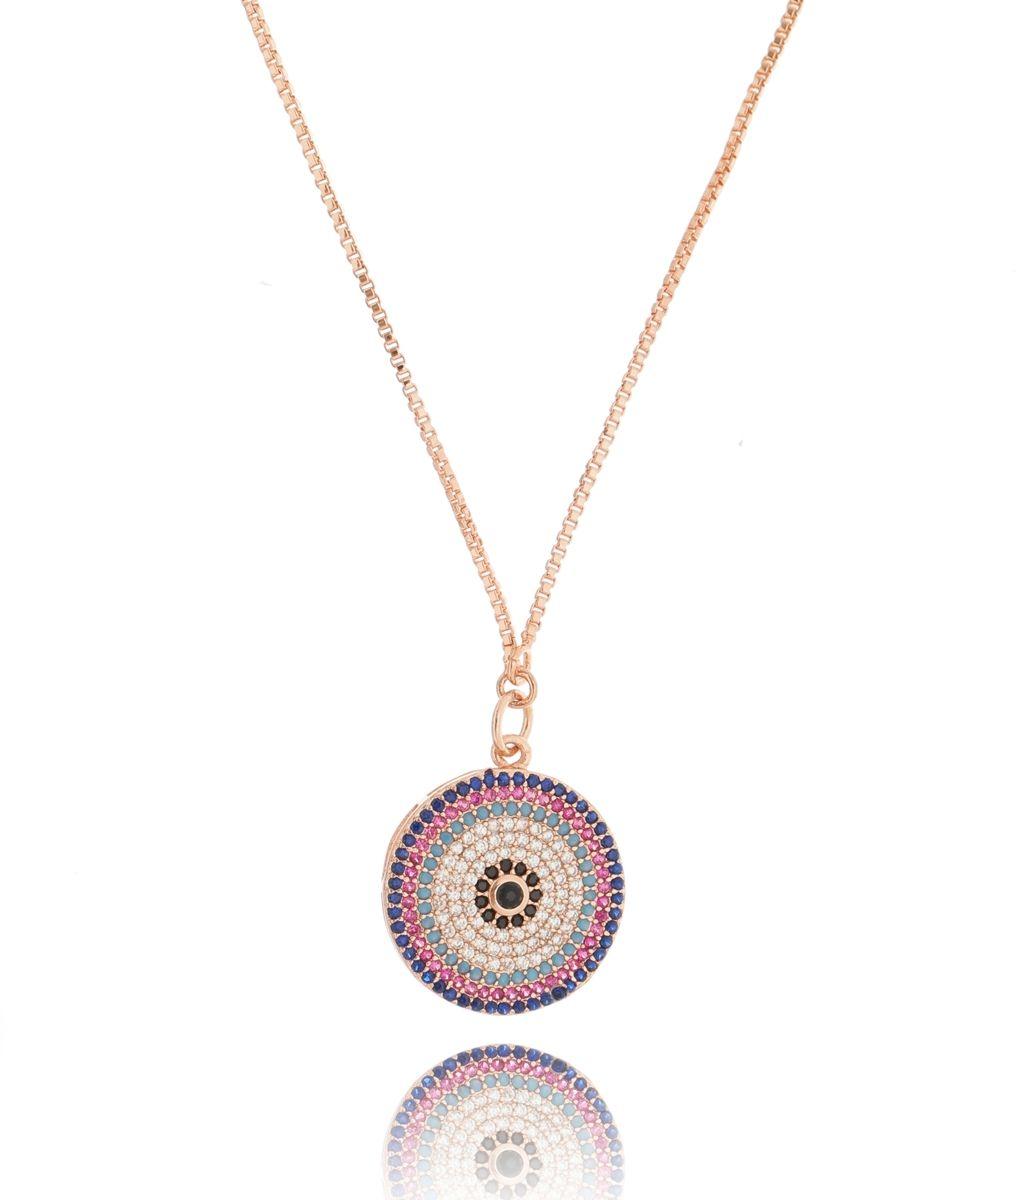 Colar de olho grego colorido ajustável semi joia com banho de ouro rose 6e9c7c6c8a